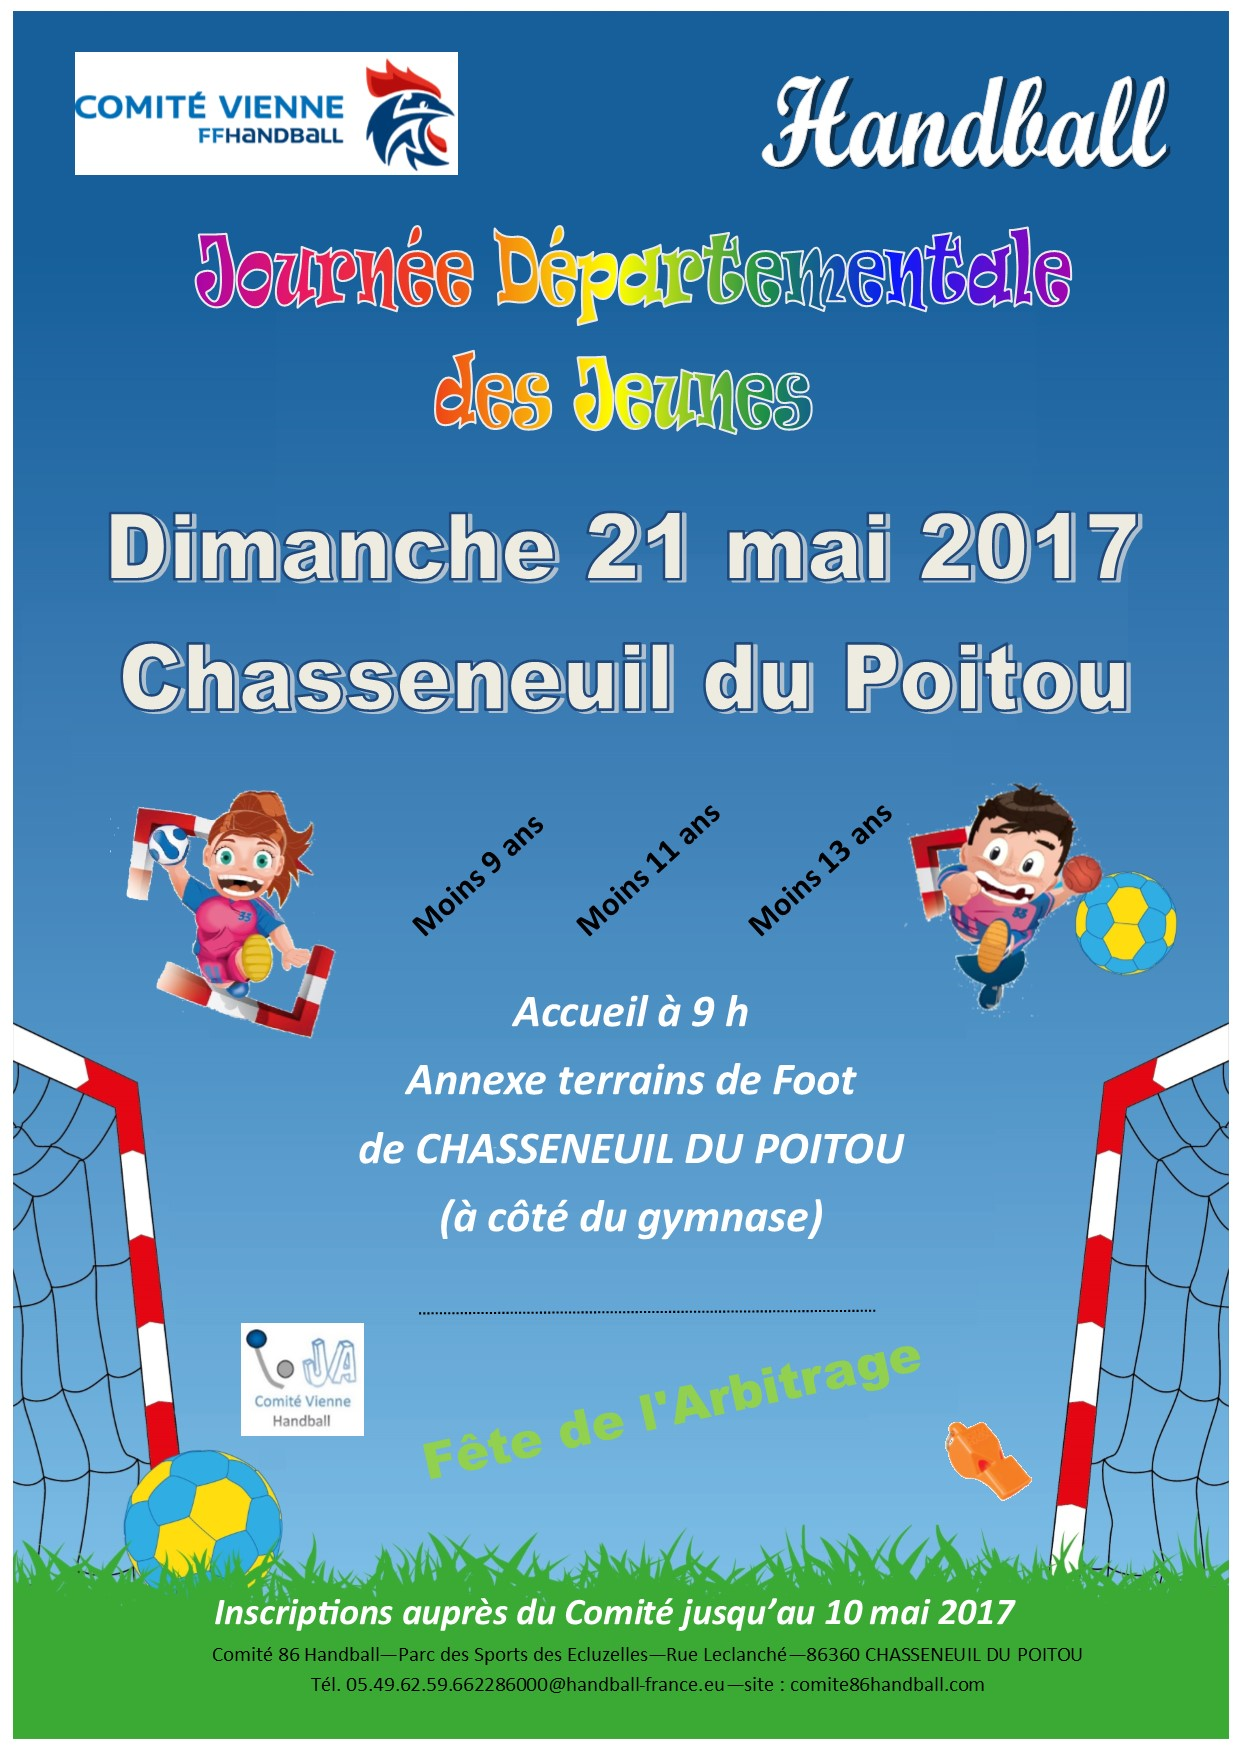 Affiche Journée Départementale des Jeunes 21 mai 2017 Chasseneuil du Poitou